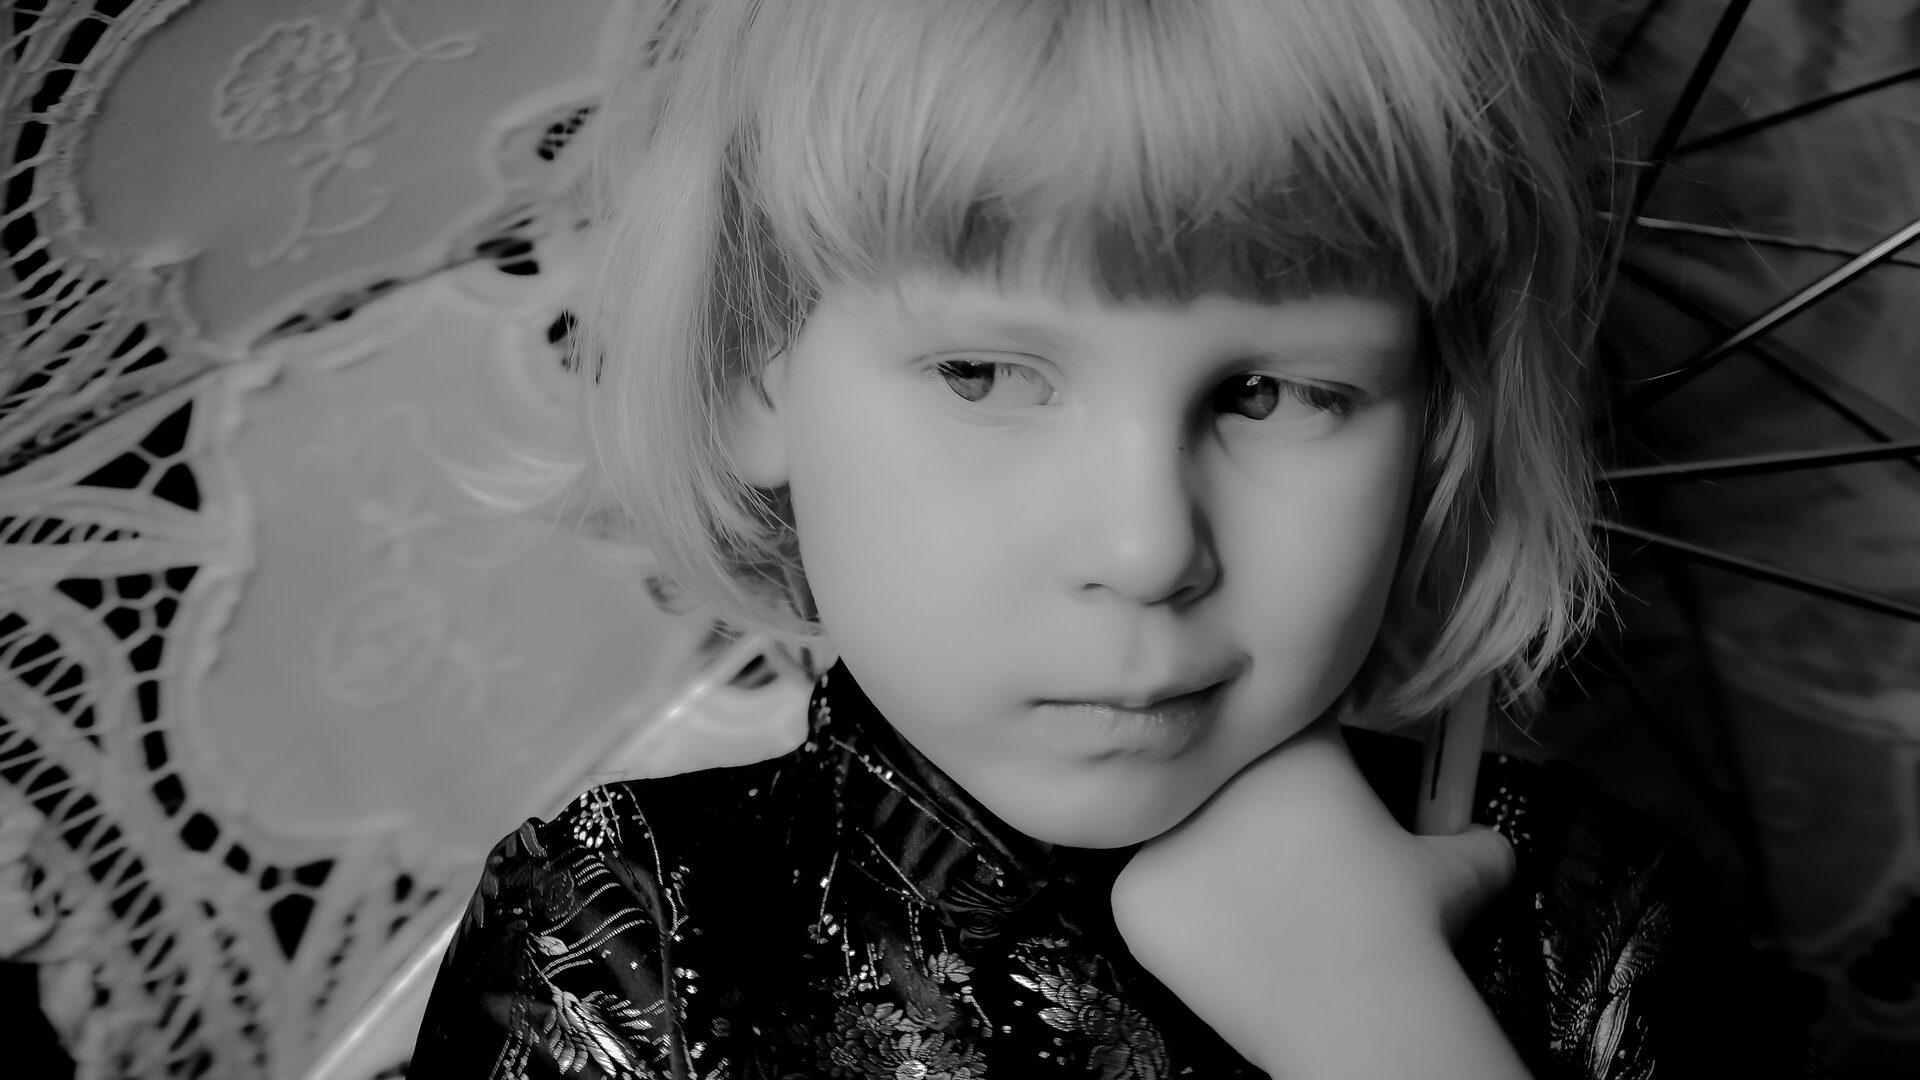 enfant trans discriminée